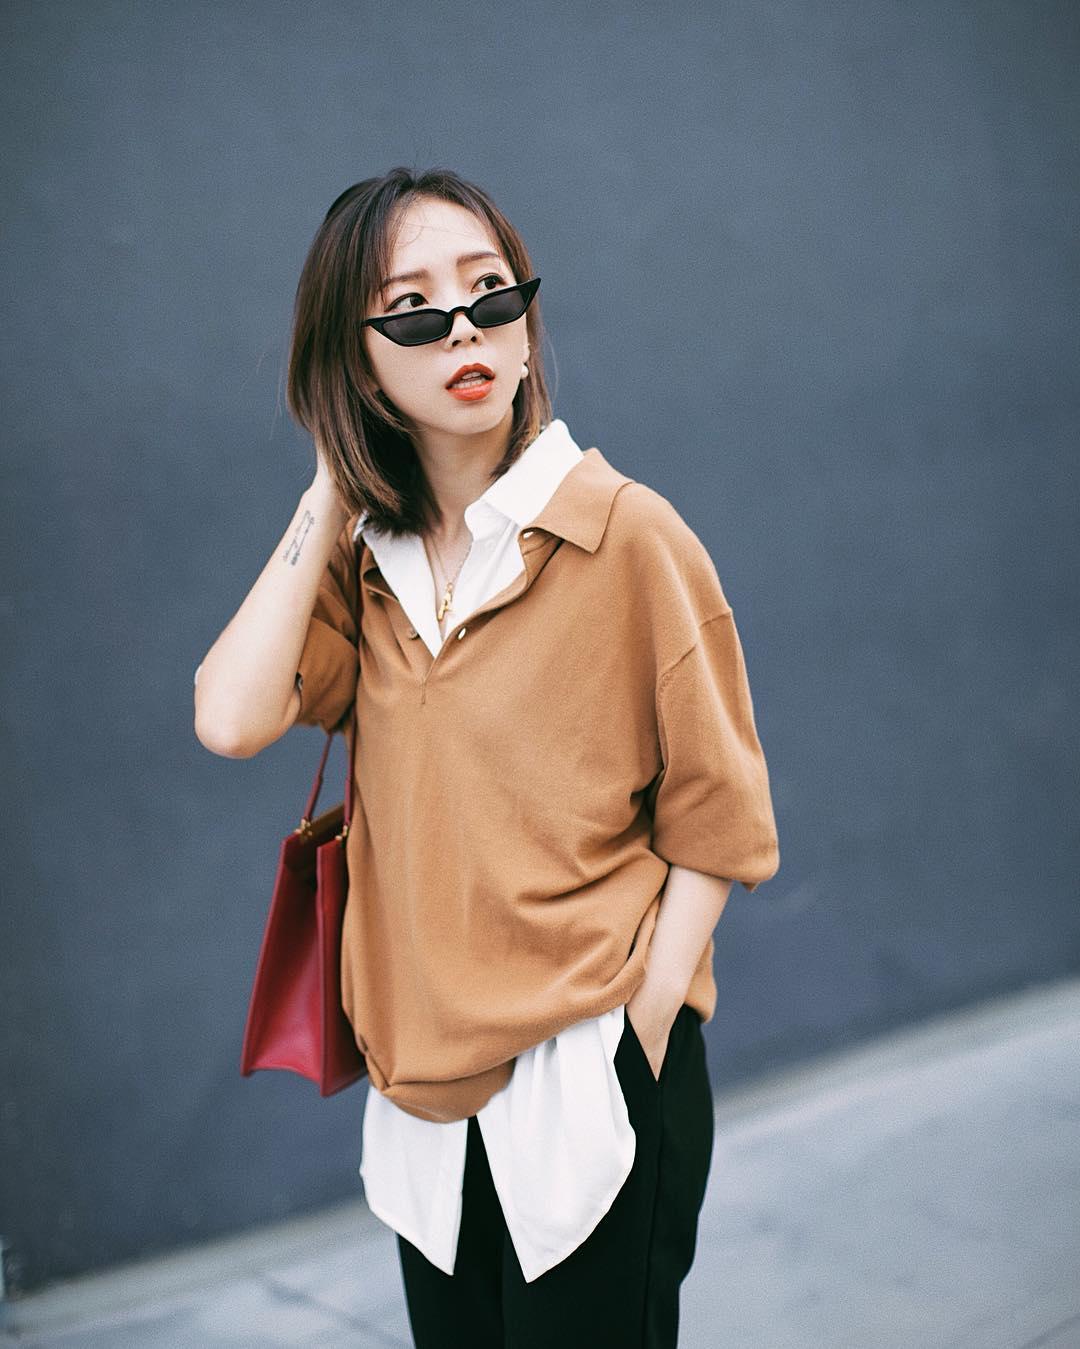 cô gái phối đô phong cách layer với áo sơ mi trắng và polo màu nâu